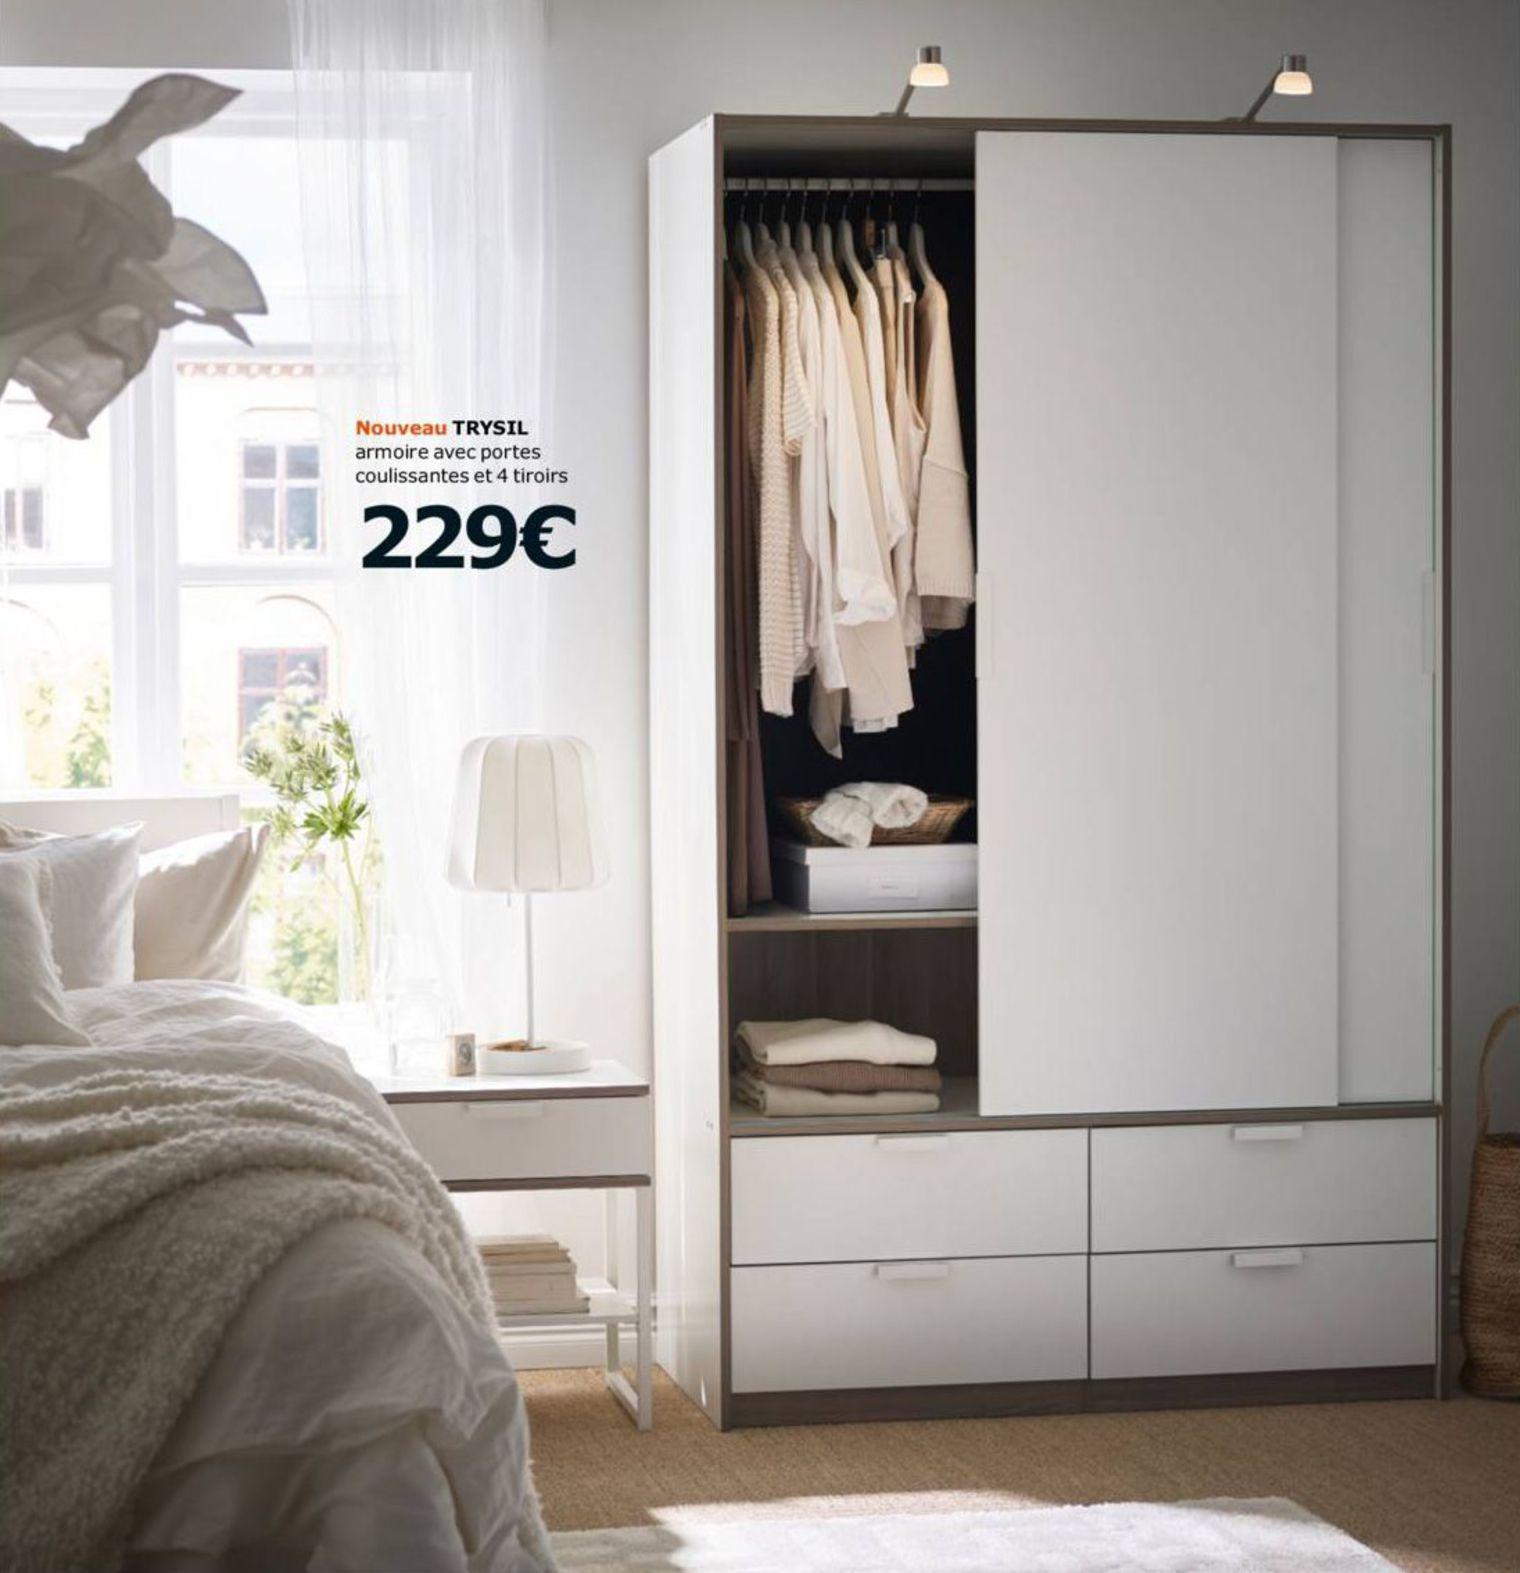 Le dimanche indo europ en - Model armoire de chambre ...